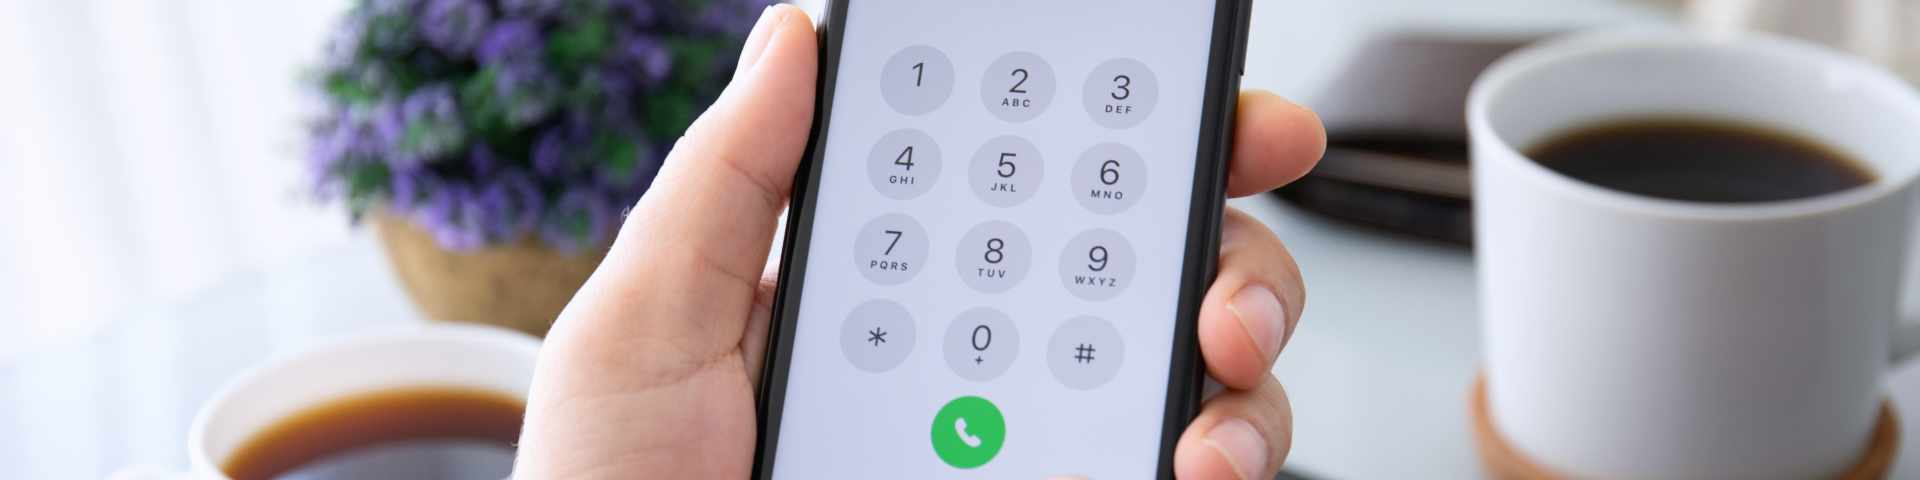 nummerbehoud mobiel